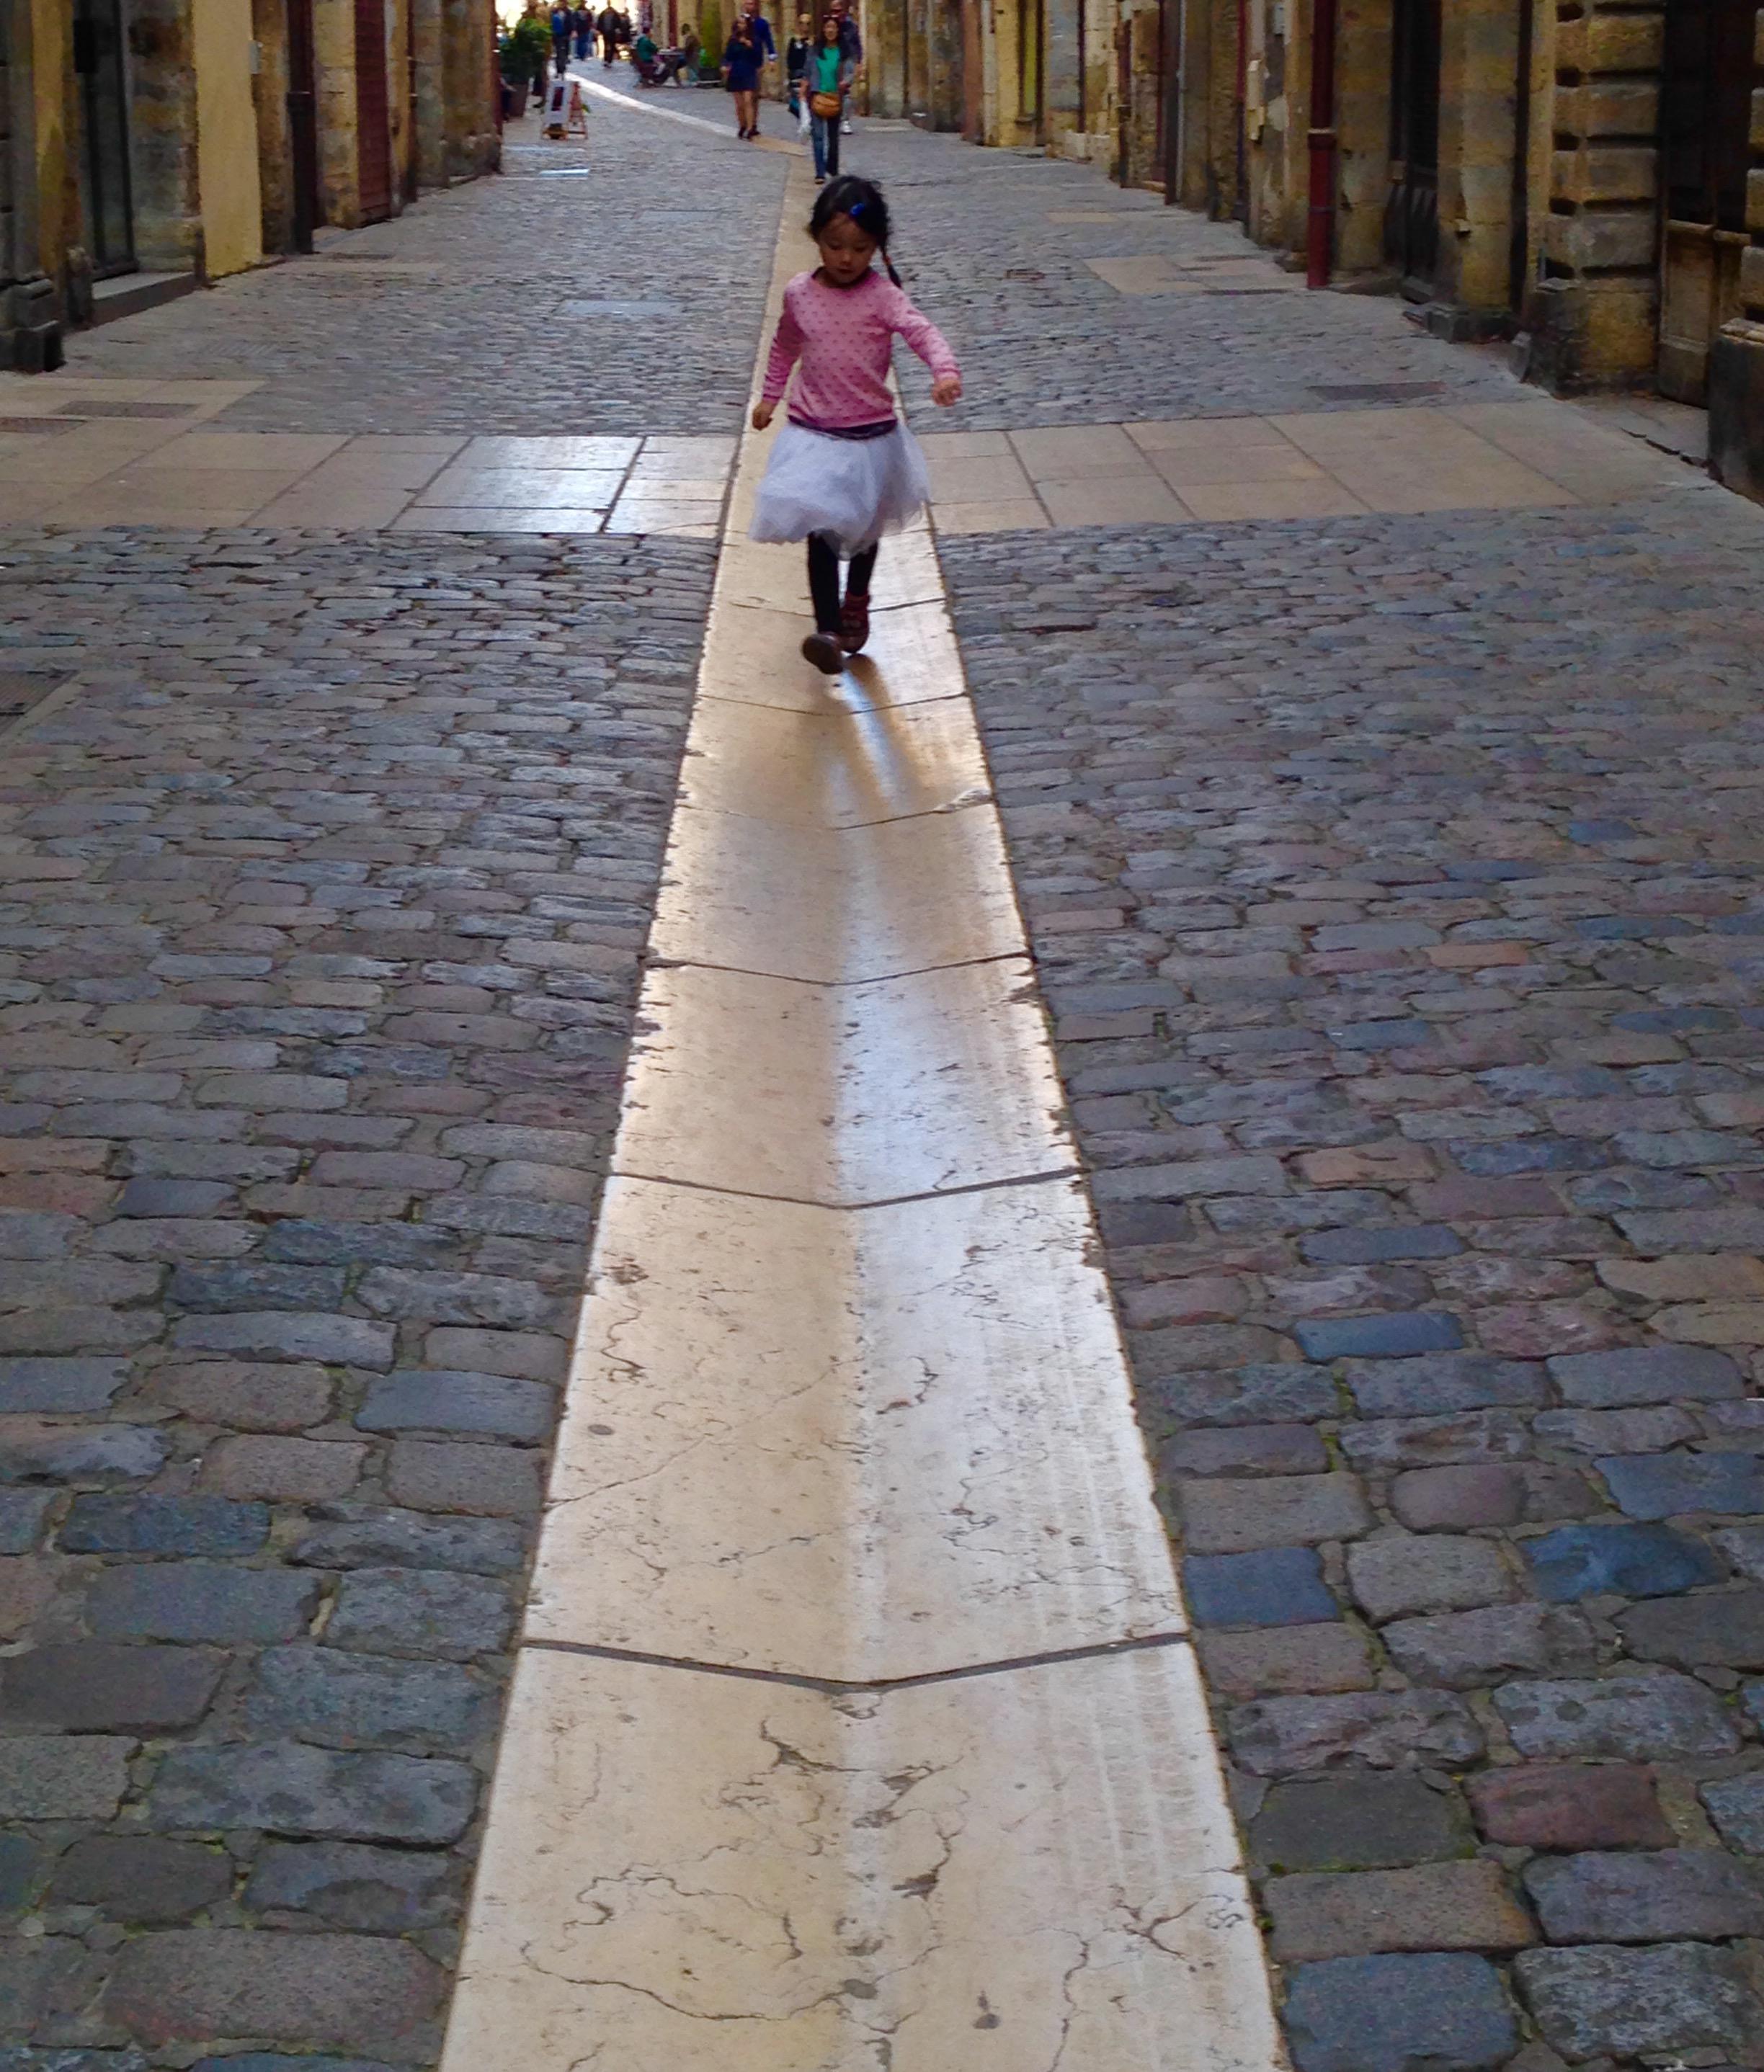 La petite fille au chemin tracé, Photo de Jean Véronneau, Lyon, 2017